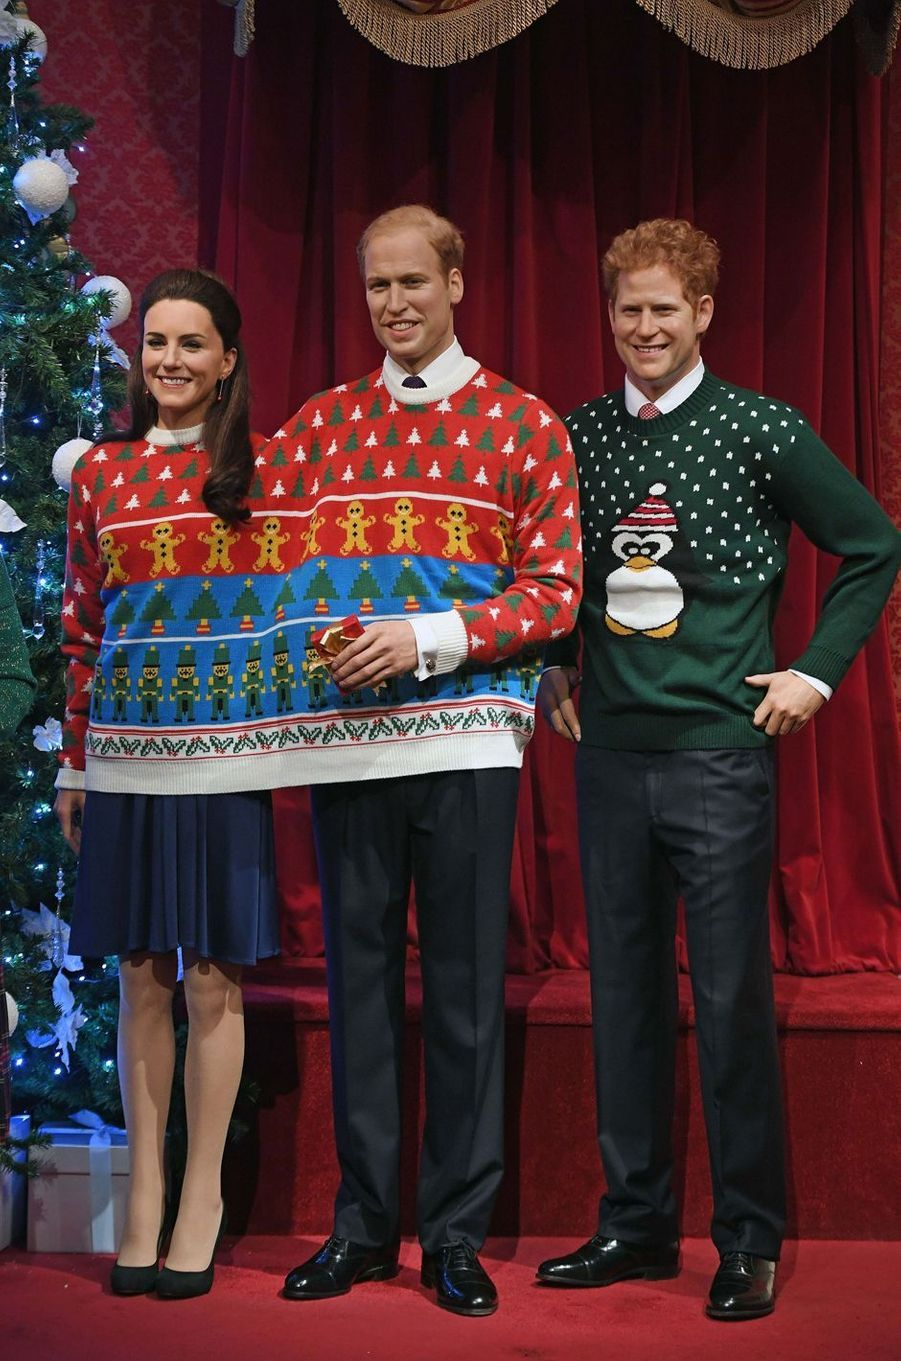 Les statues de cire de Kate Middleton et des princes William et Harry, au musée Madame Tussauds à Londres en habits de Noël, le 6 décembre 2016